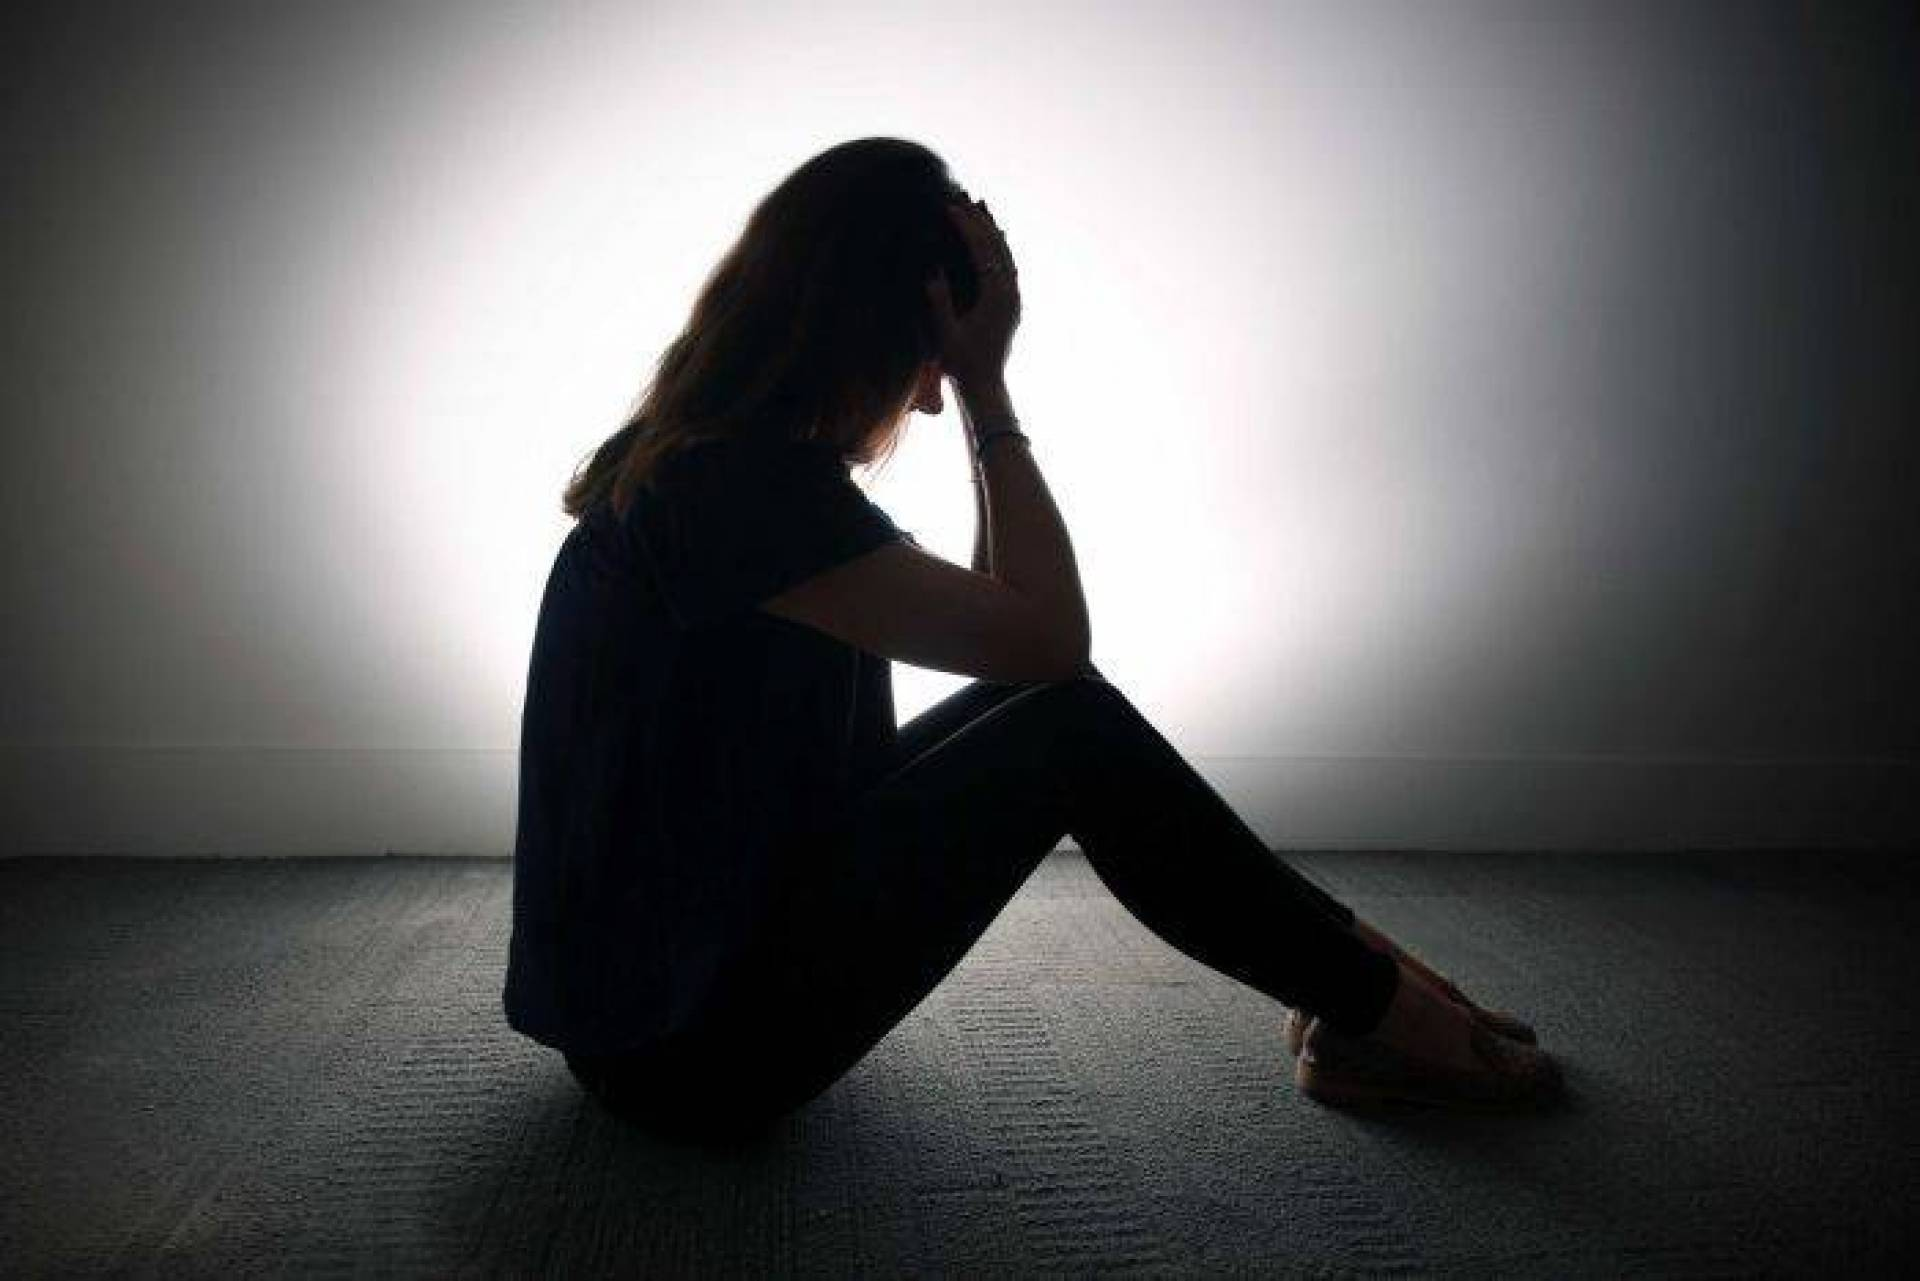 Конфликты, ссоры, разочарования надолго остаются в памяти